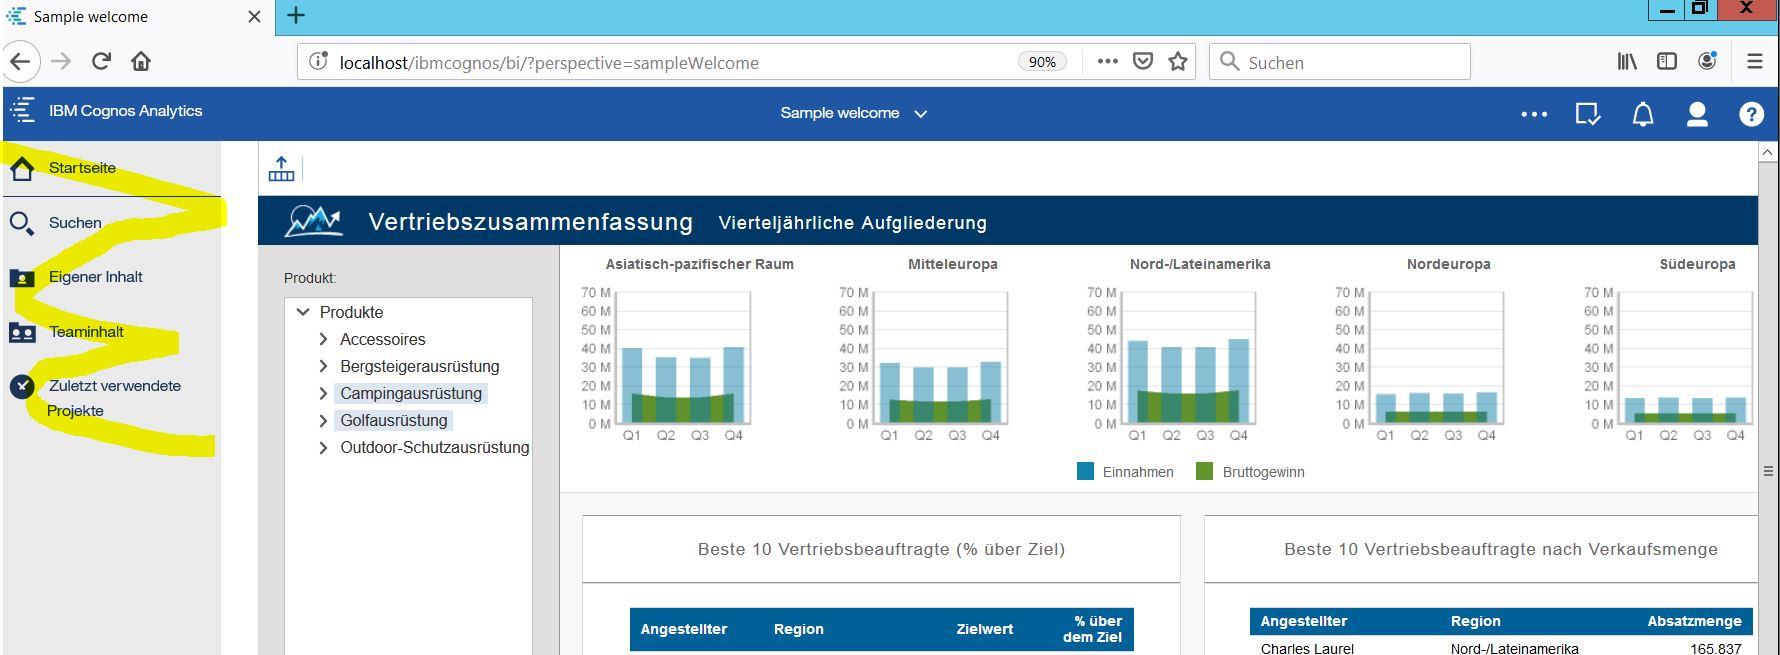 """Reports als Startseite mit """"normaler"""" Navigationsleiste anzeigen (Cognos Analytics Extension)"""